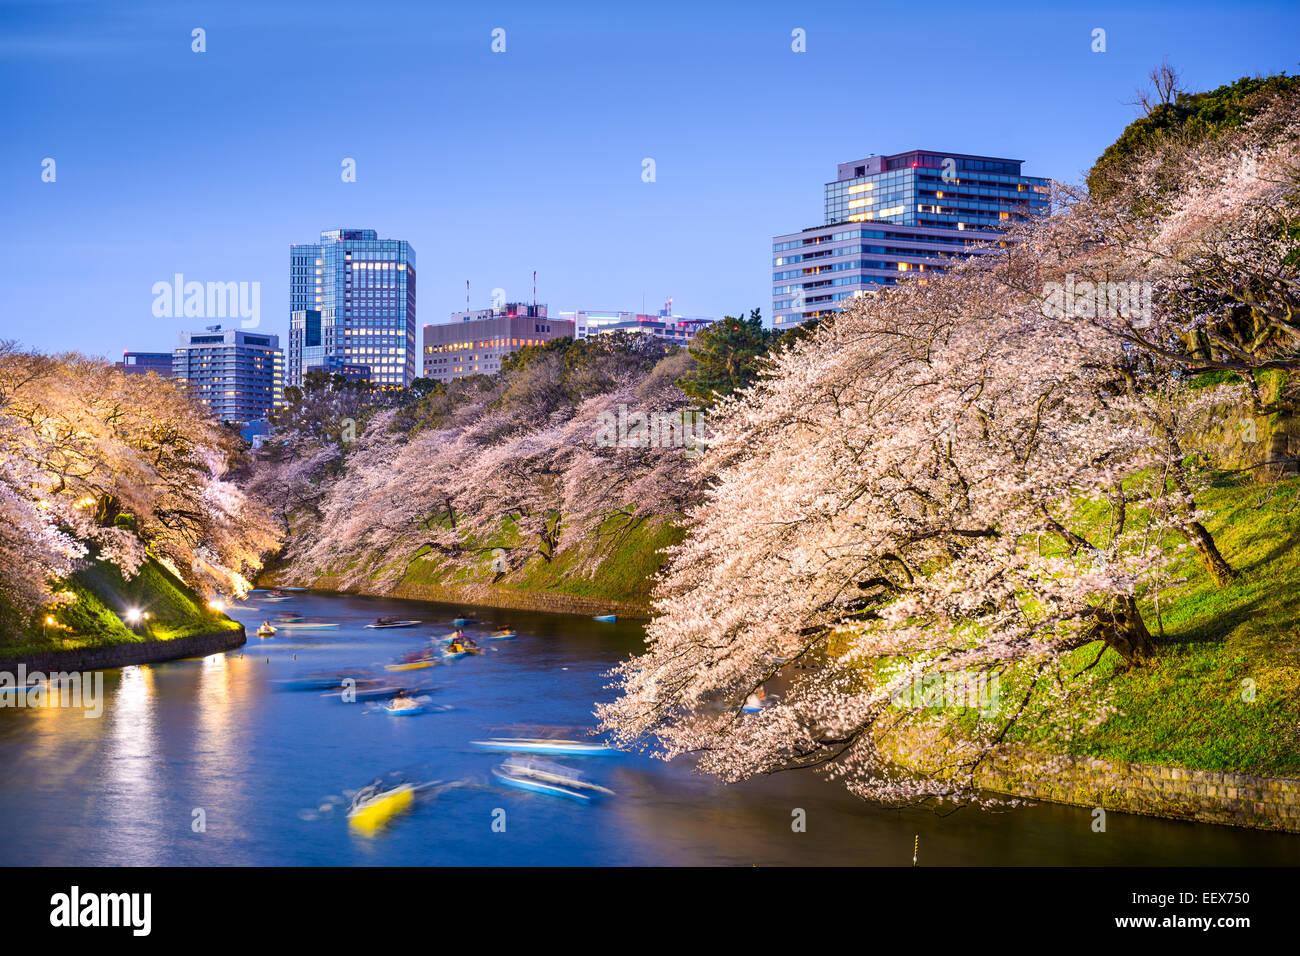 Tokio, Japón a Chidorigafuchi foso del Palacio Imperial durante la temporada de primavera. Imagen De Stock